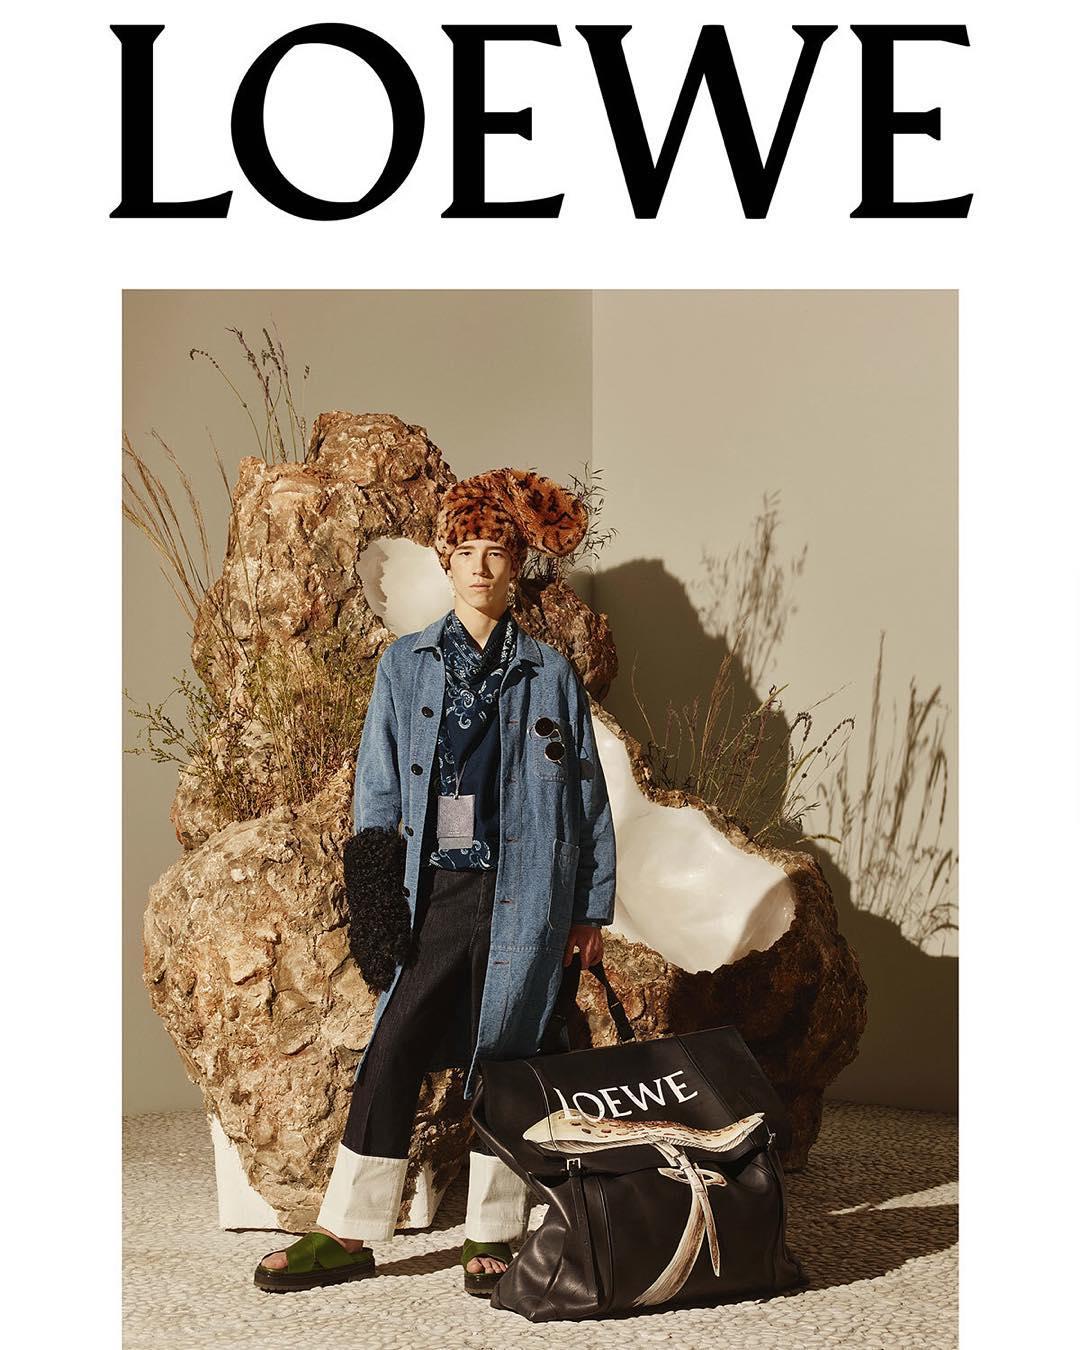 loewe-fw-16-17-campaign-steven-meisel-3